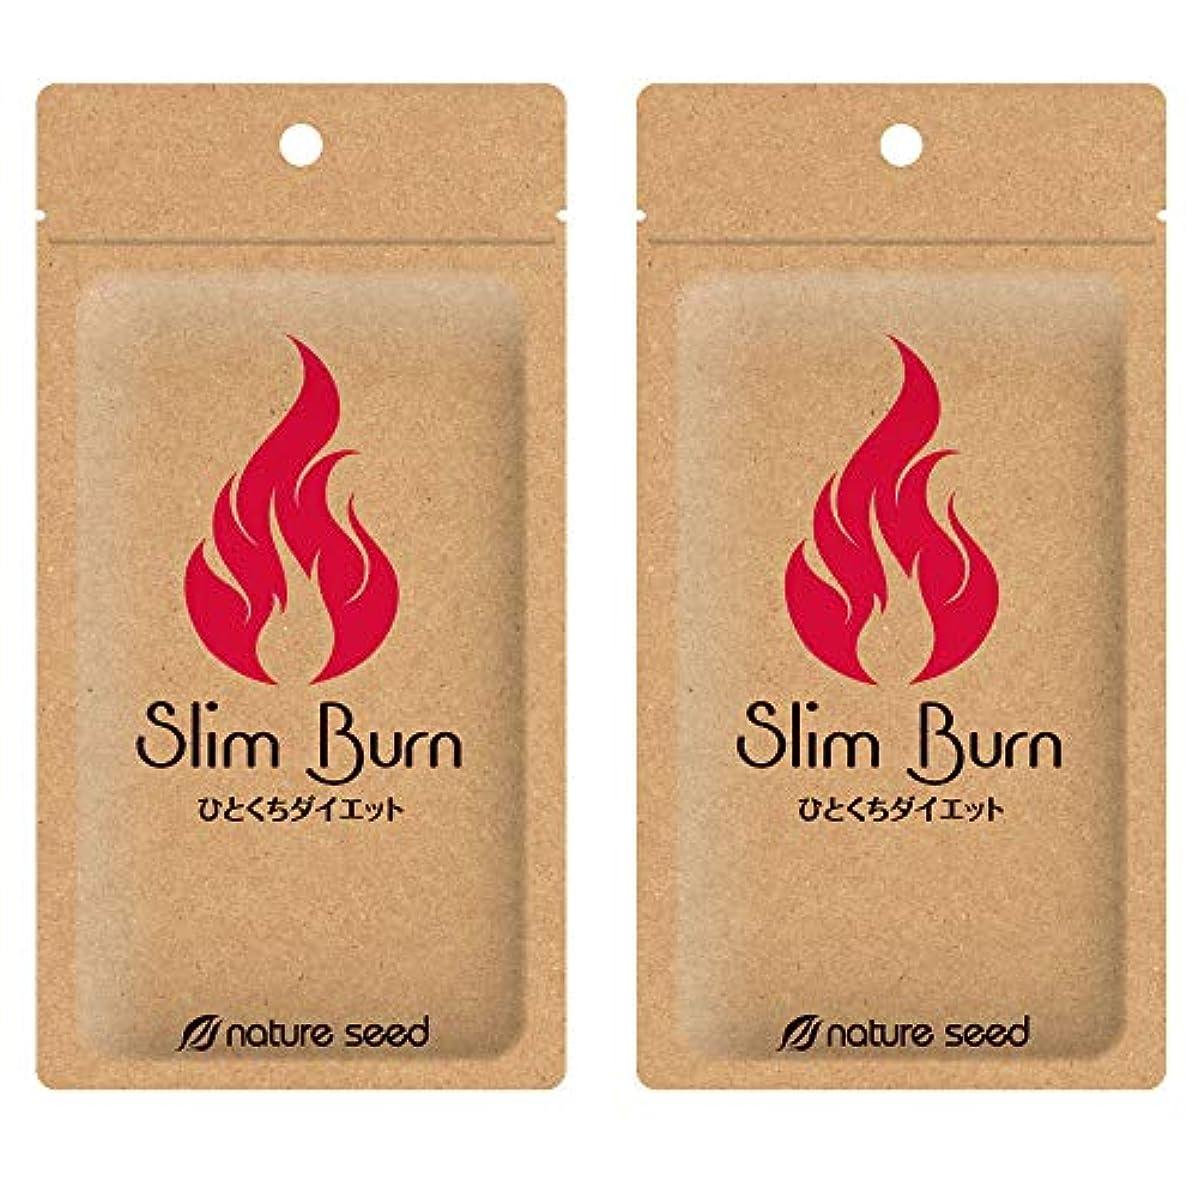 シャーロックホームズラビリンス自明[燃焼サプリ]ダイエット 脂肪燃焼 くびれメイクをサポート サプリメント スリムバーン 2袋(約60日分)